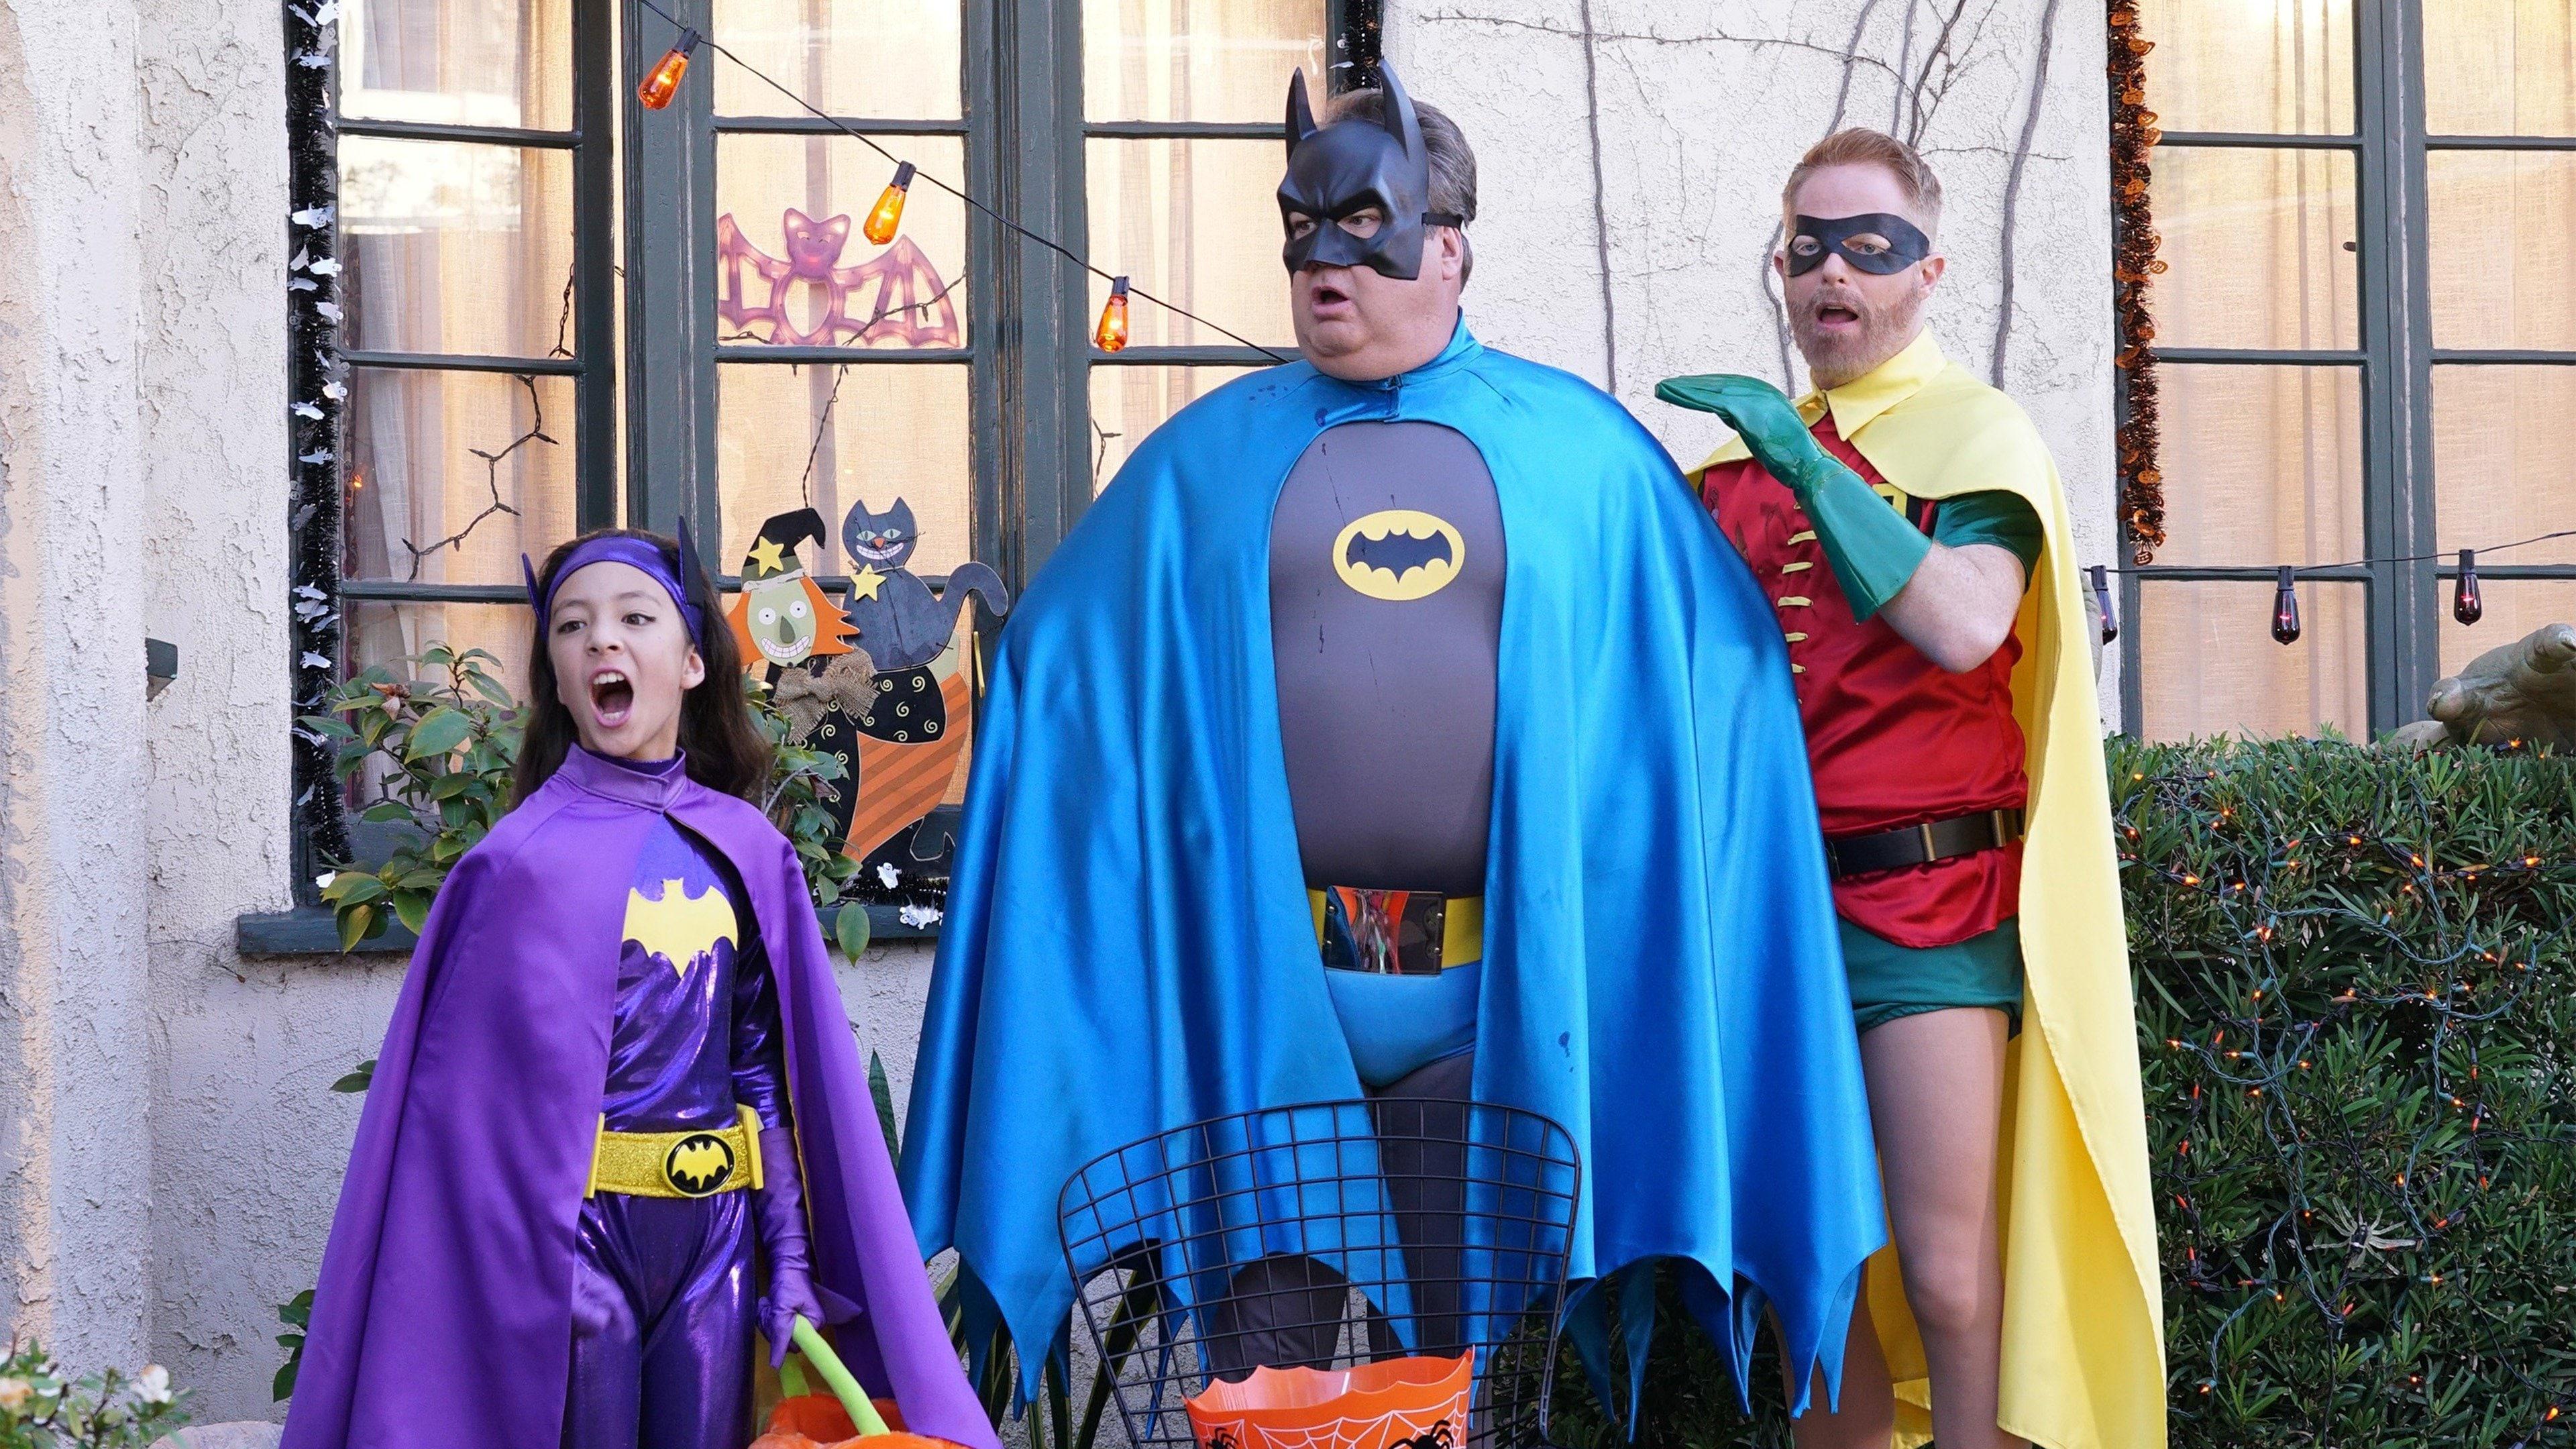 Halloween 4: The Revenge of Rod Skyhook